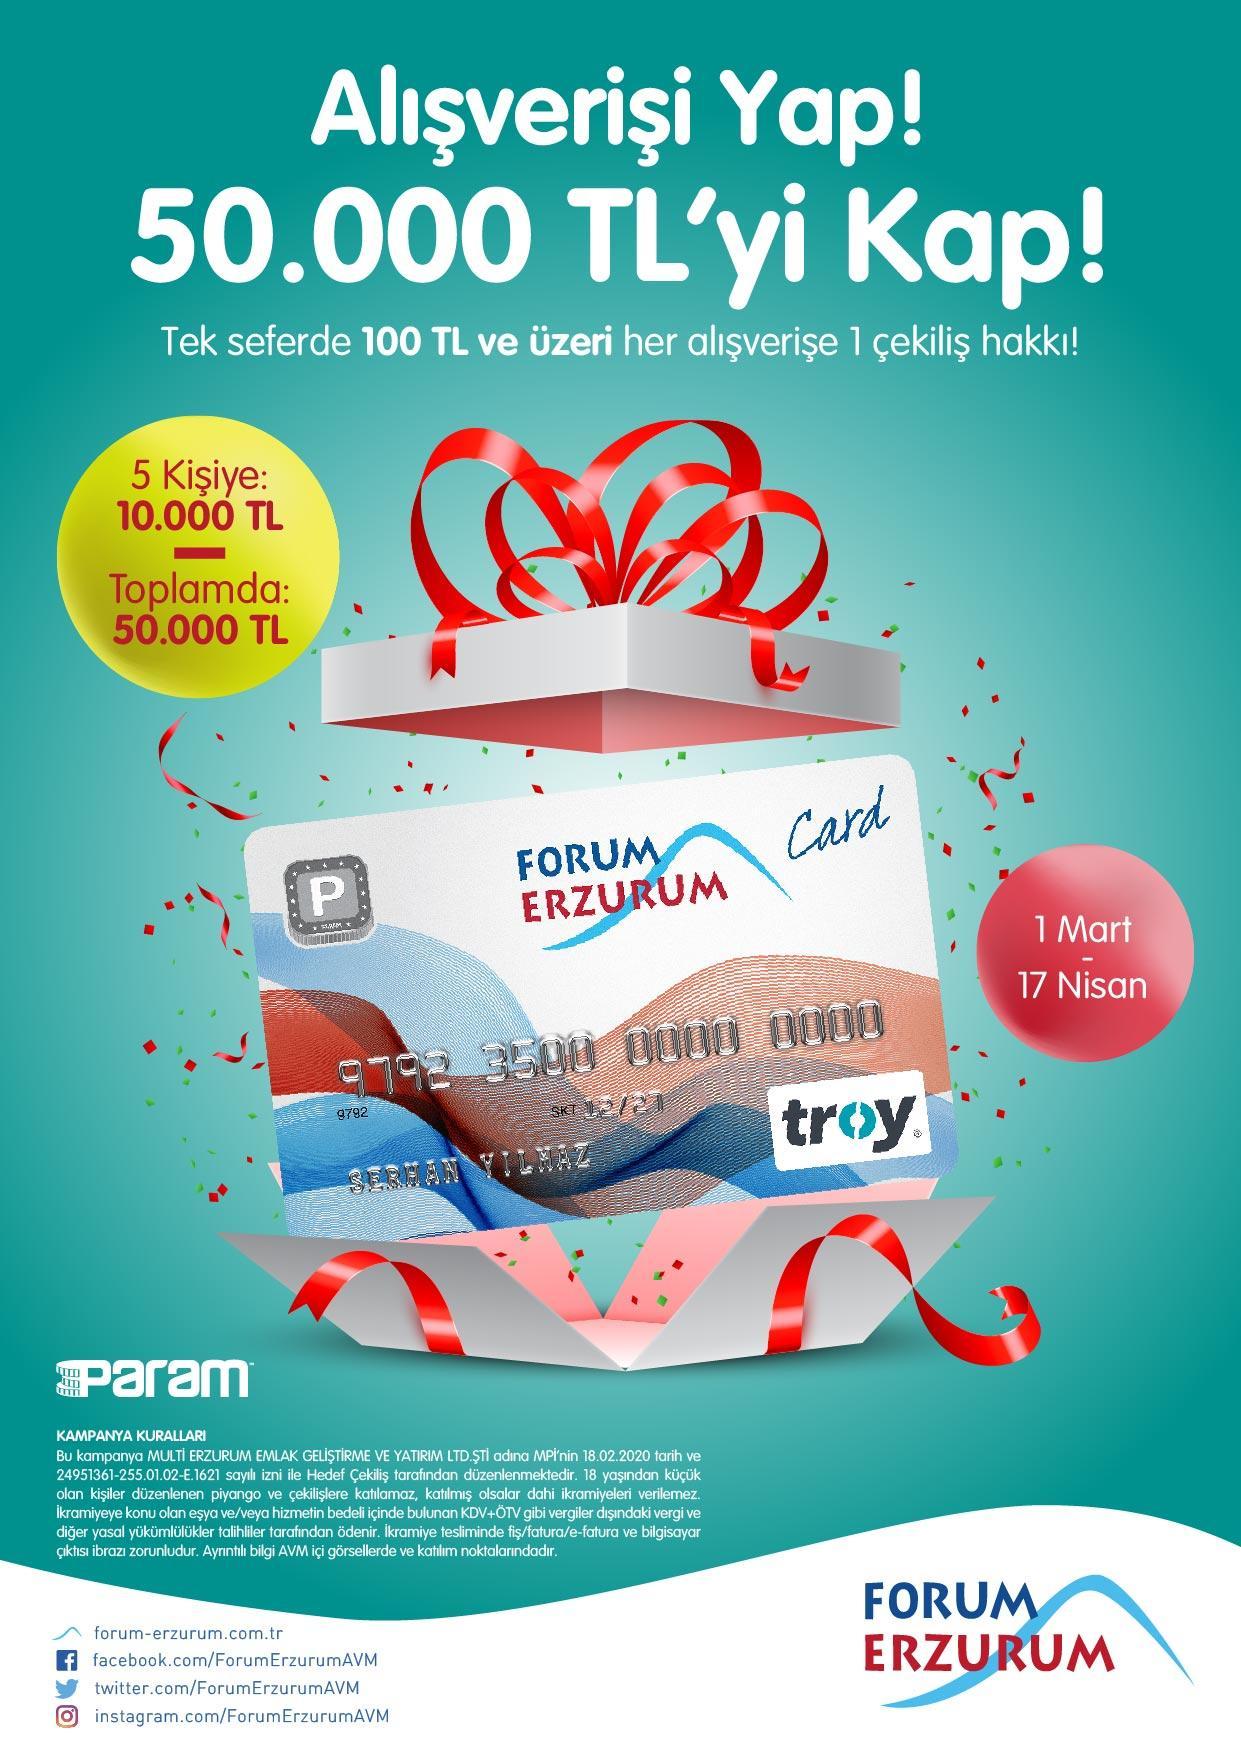 Forum Erzurum'da alışveriş kazandırıyor